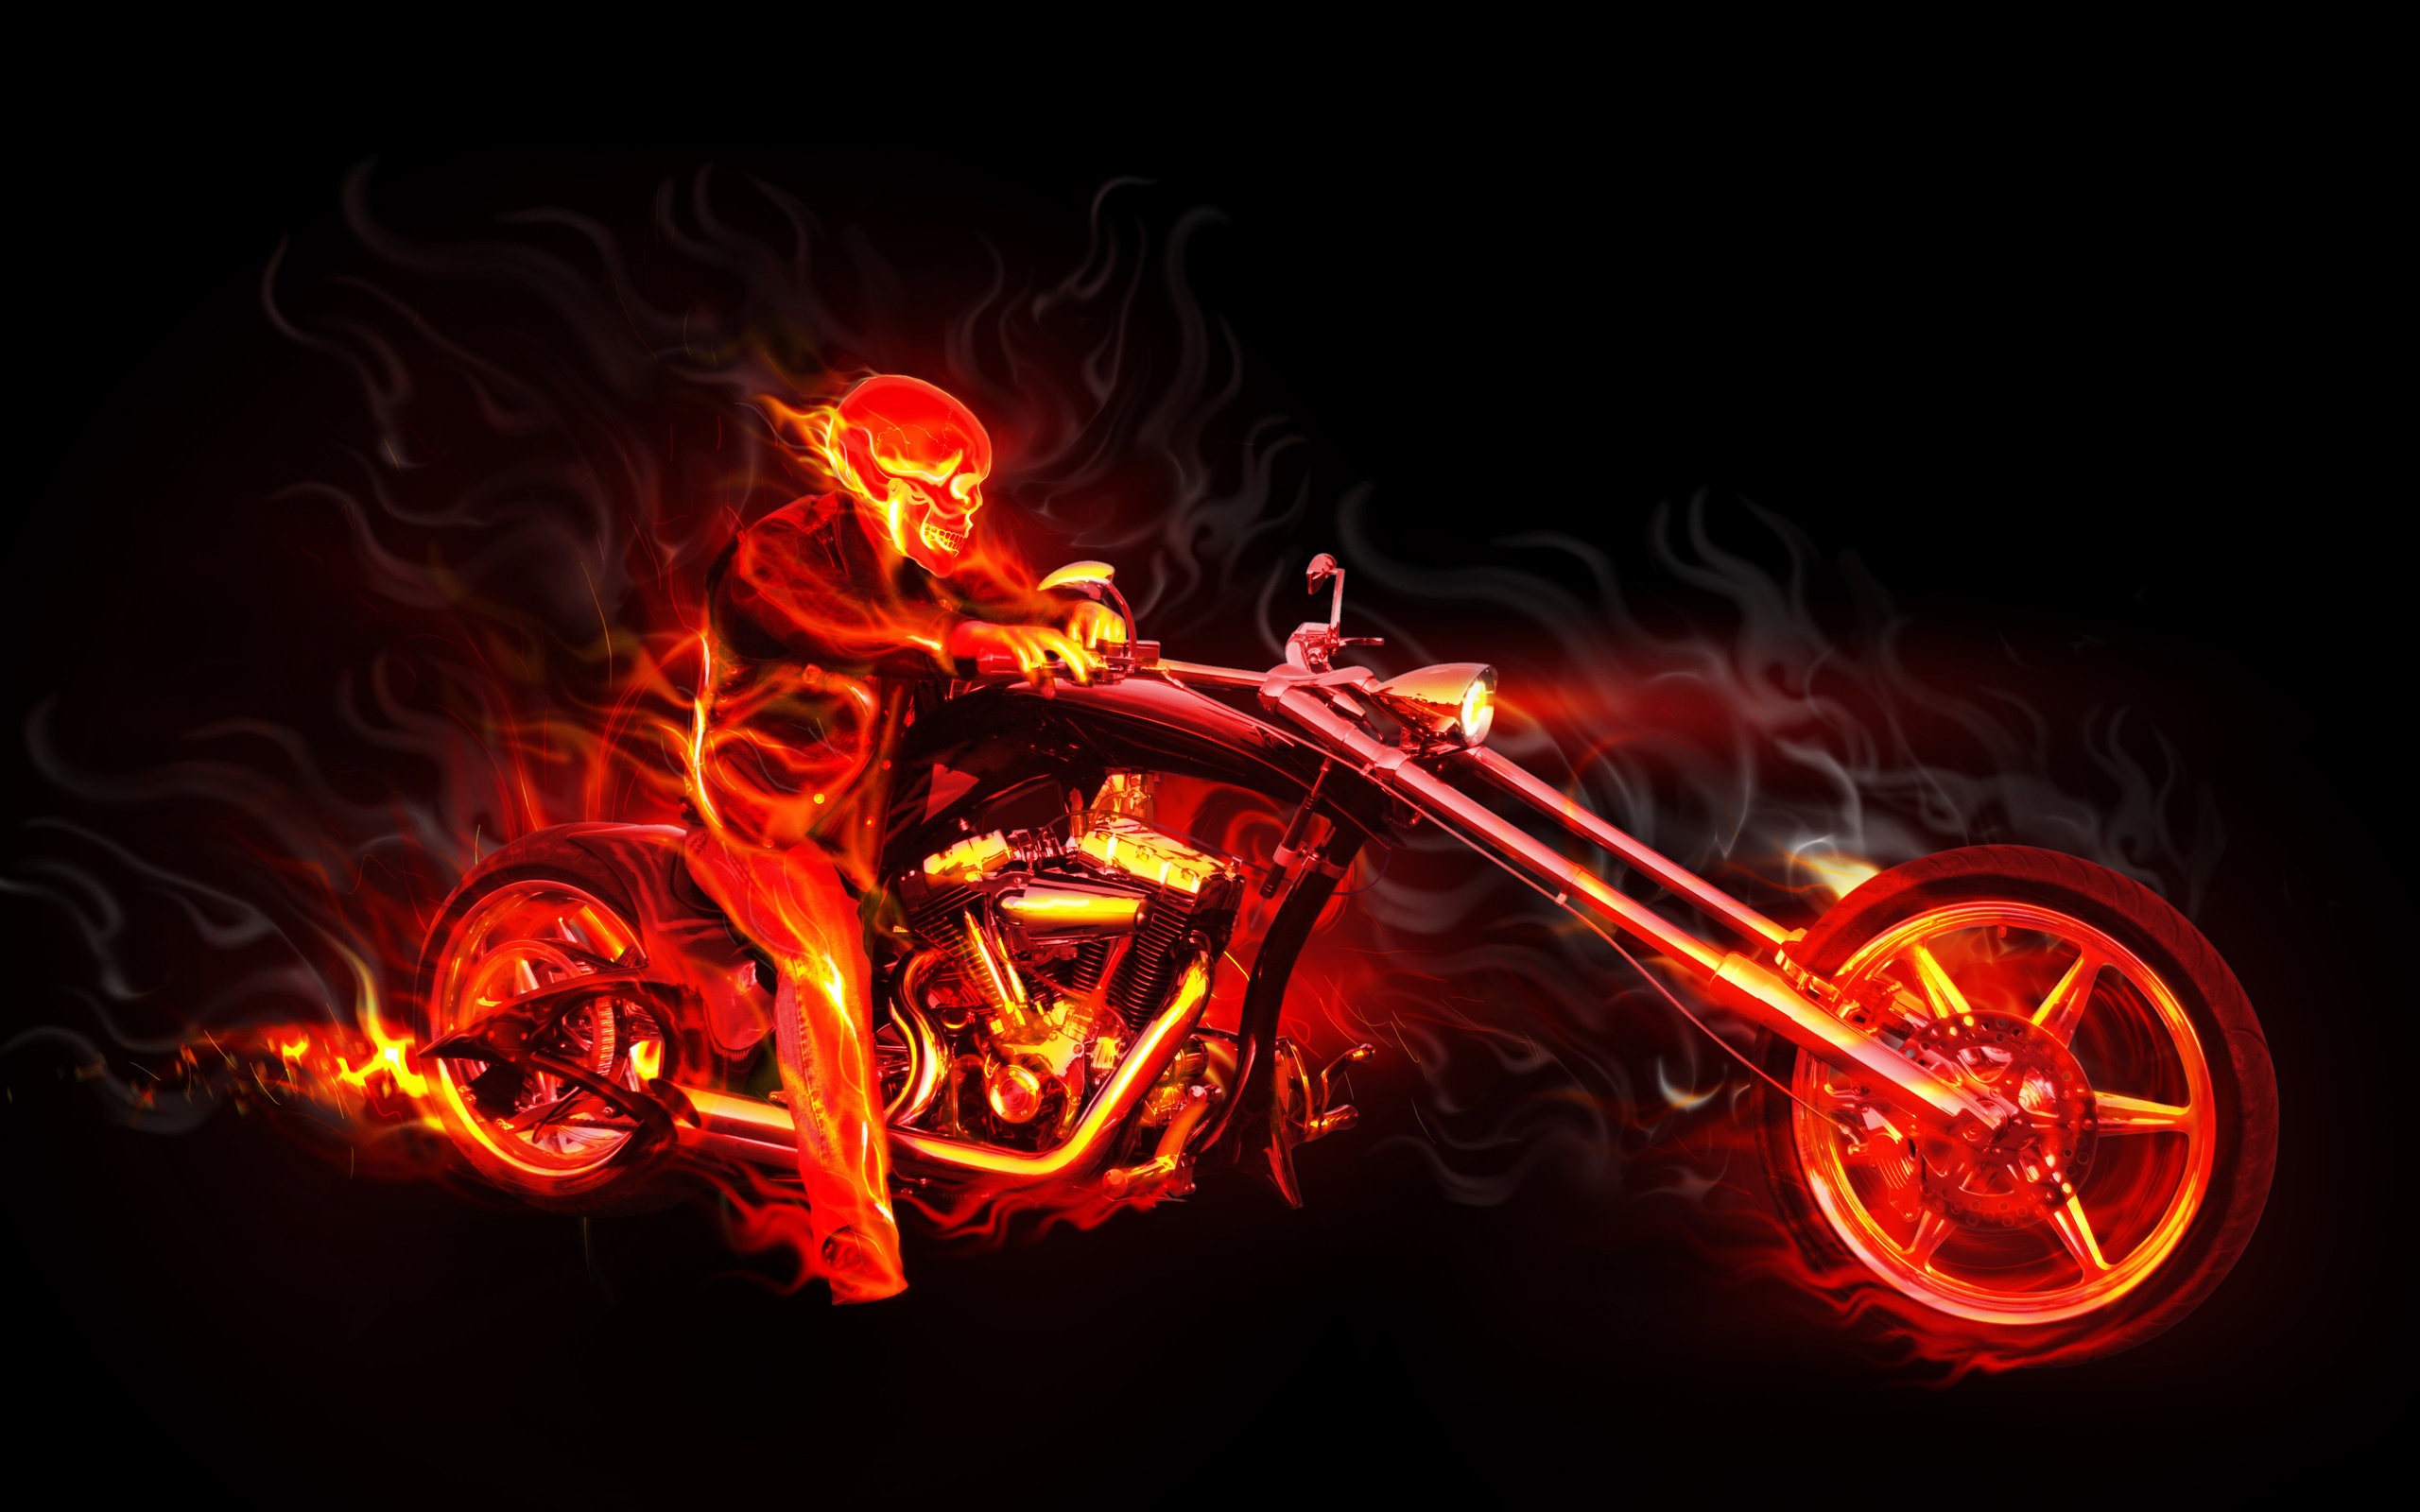 Hình nền lửa cháy cực đẹp